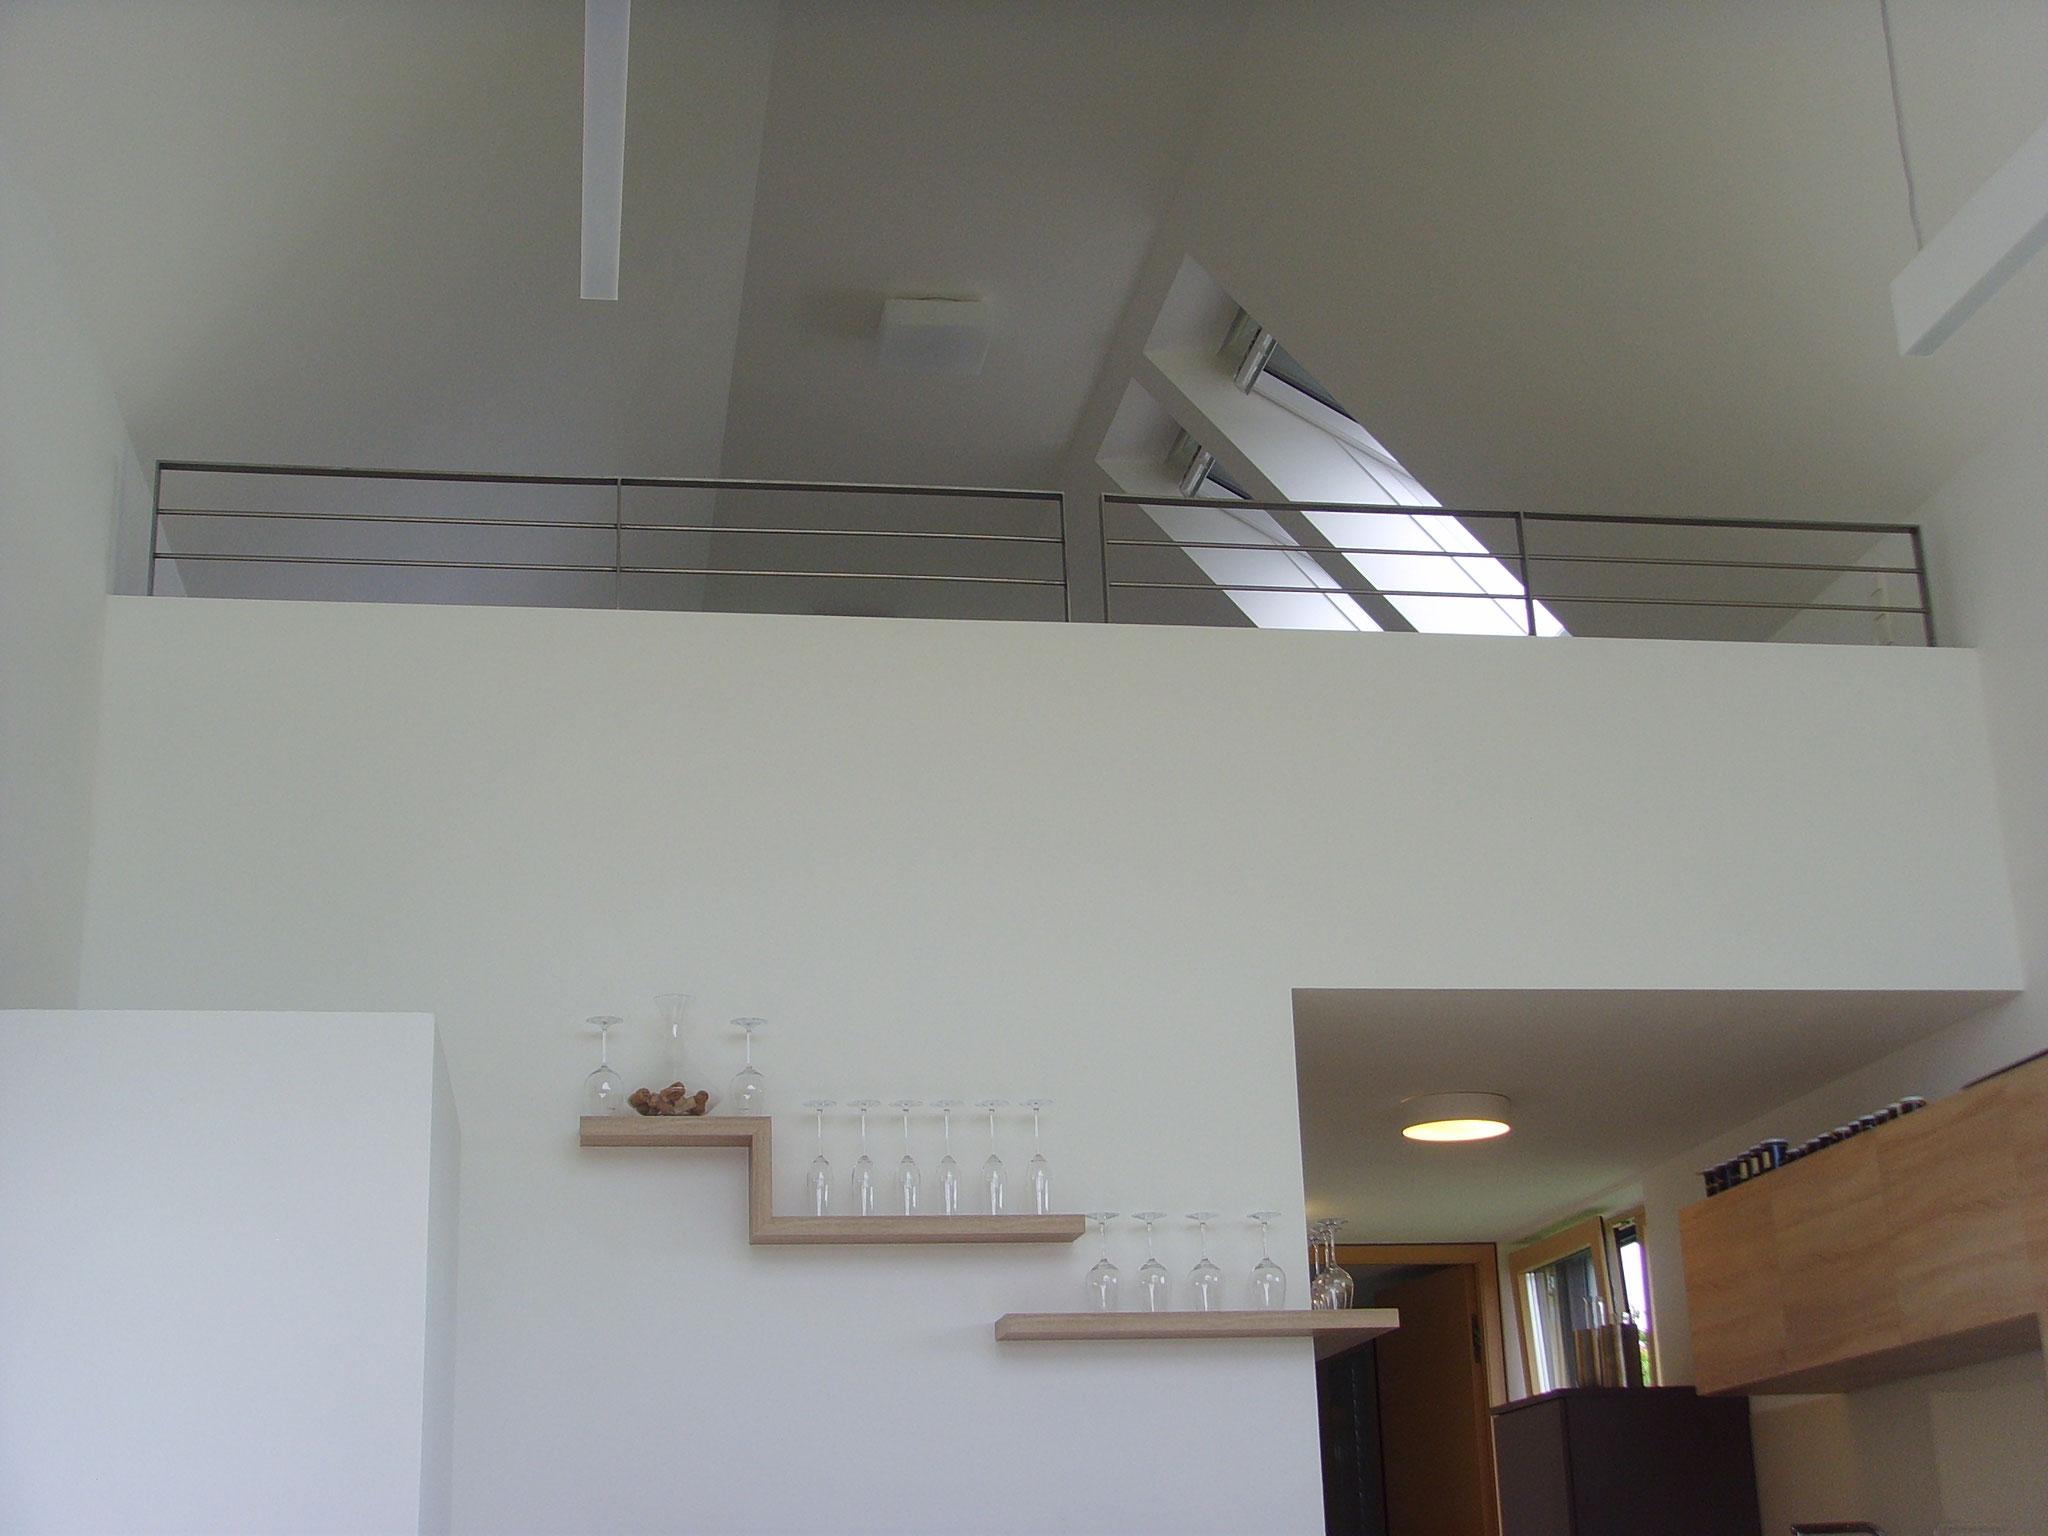 Offenes Obergeschoss